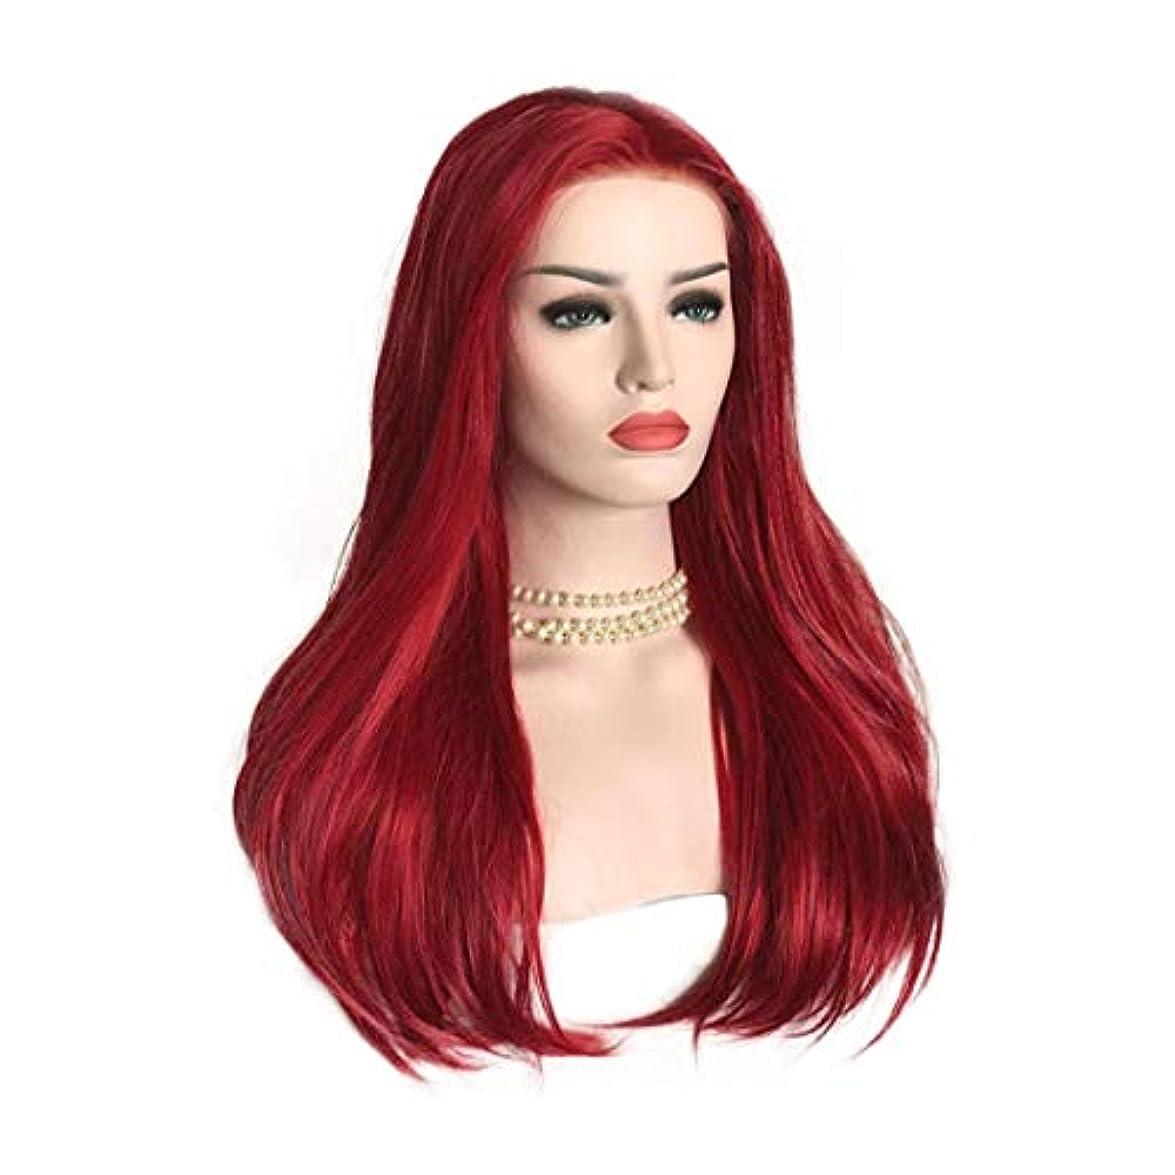 口実合理的豊富なKoloeplf レースフロントレディースストレート人工毛フルウィッグナチュラルルッキング耐熱赤ウィッグ (Color : Red)